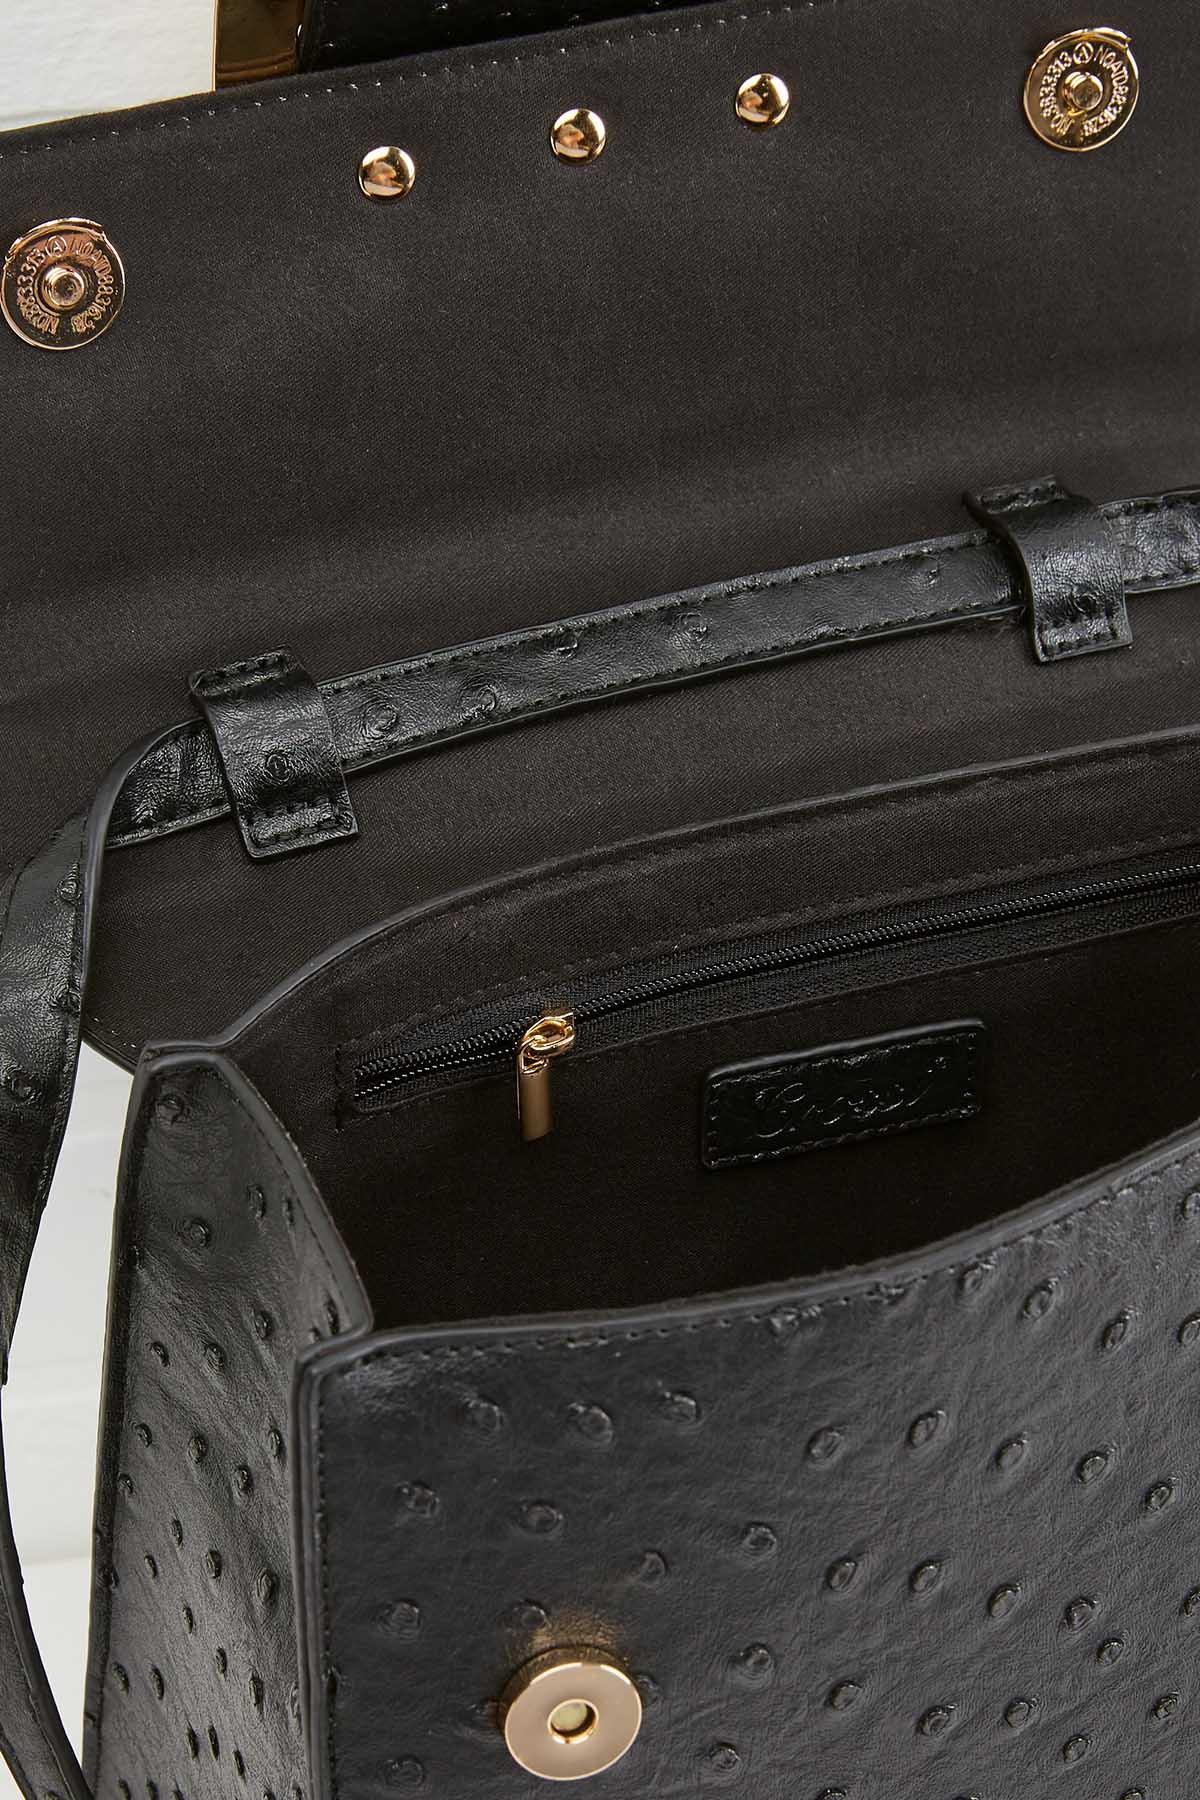 Handle The Situation Bag